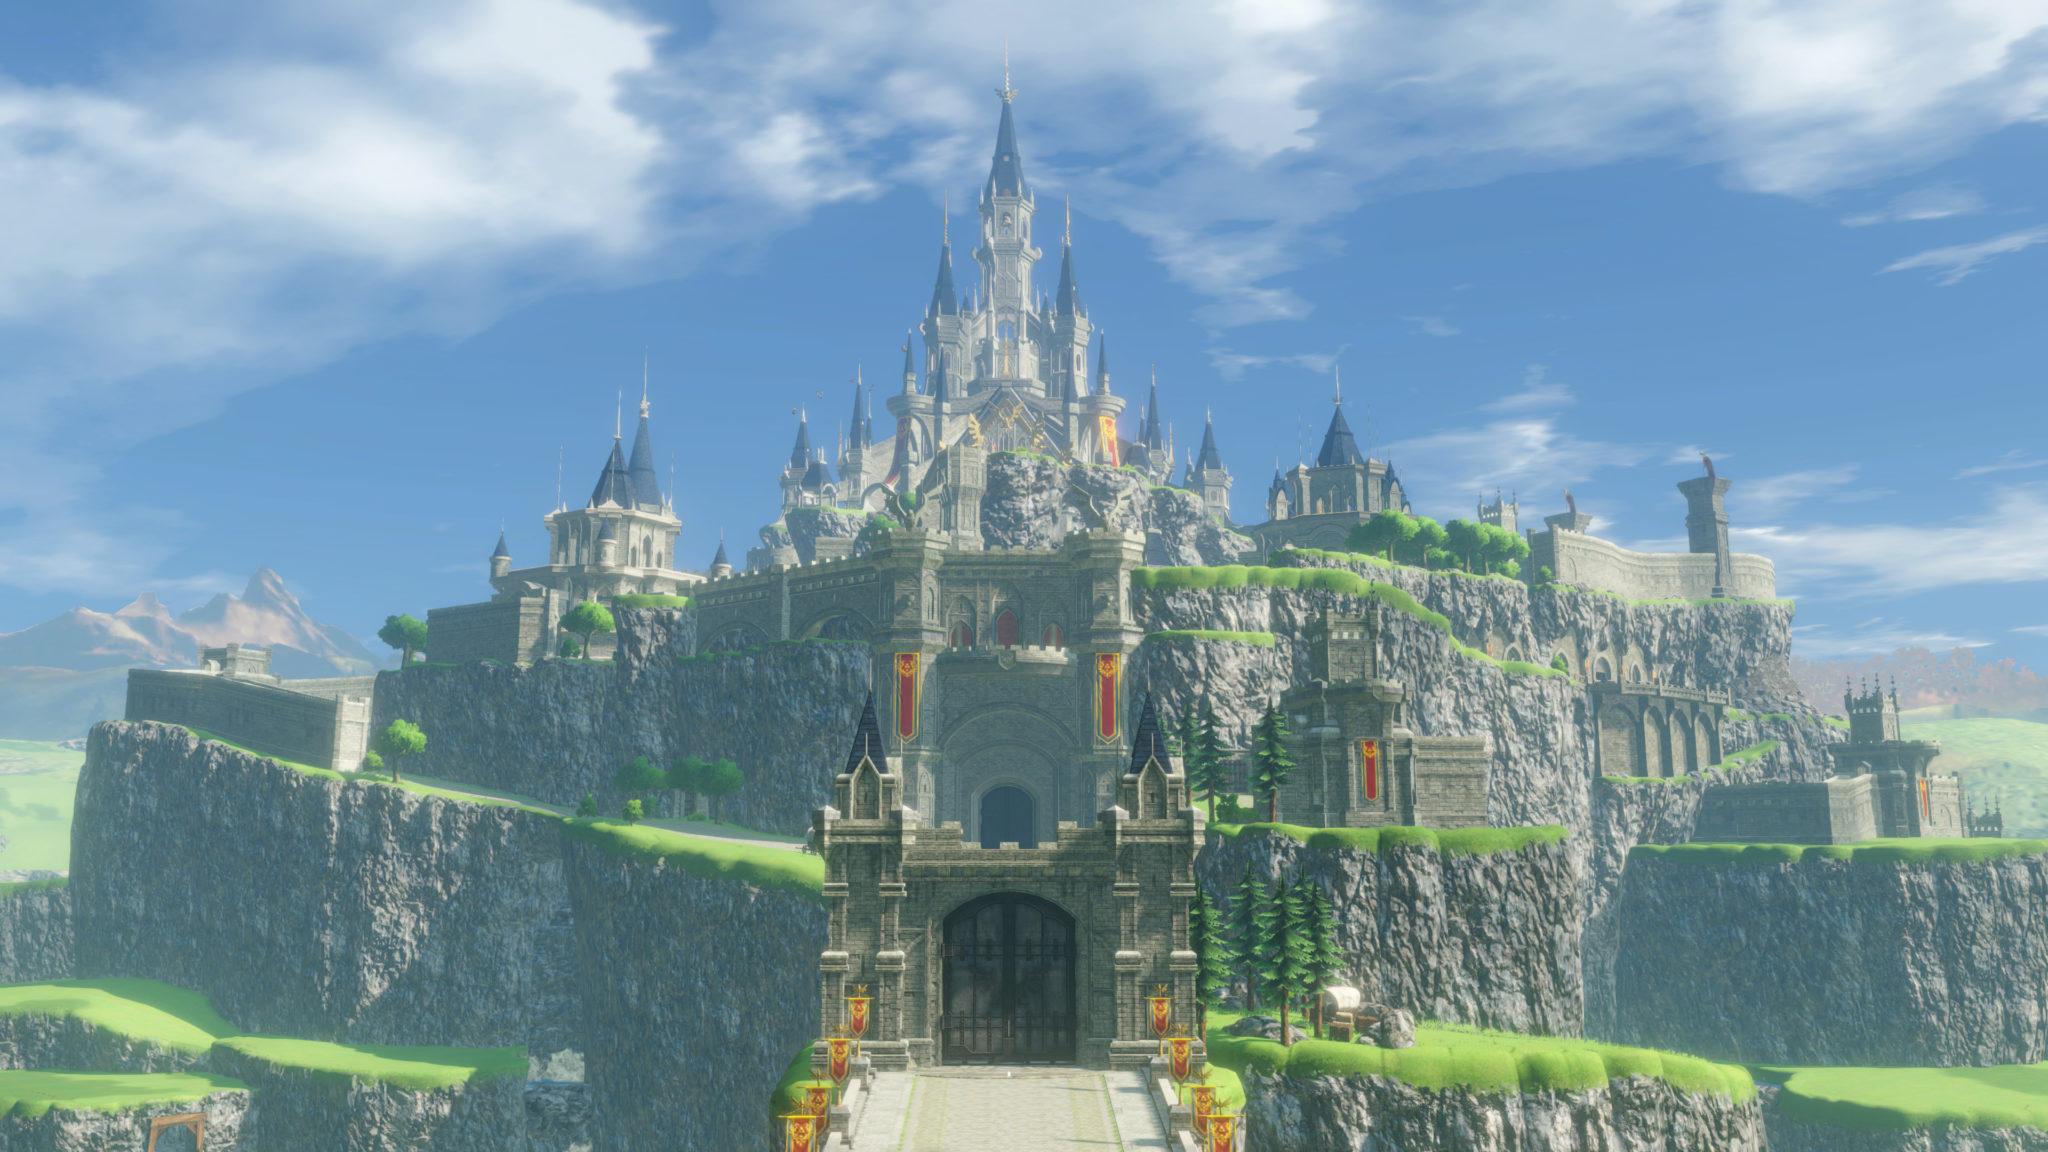 Das Schloss vor der Verheerung. Wir erleben ein intaktes Hyrule ohne Ruinen.